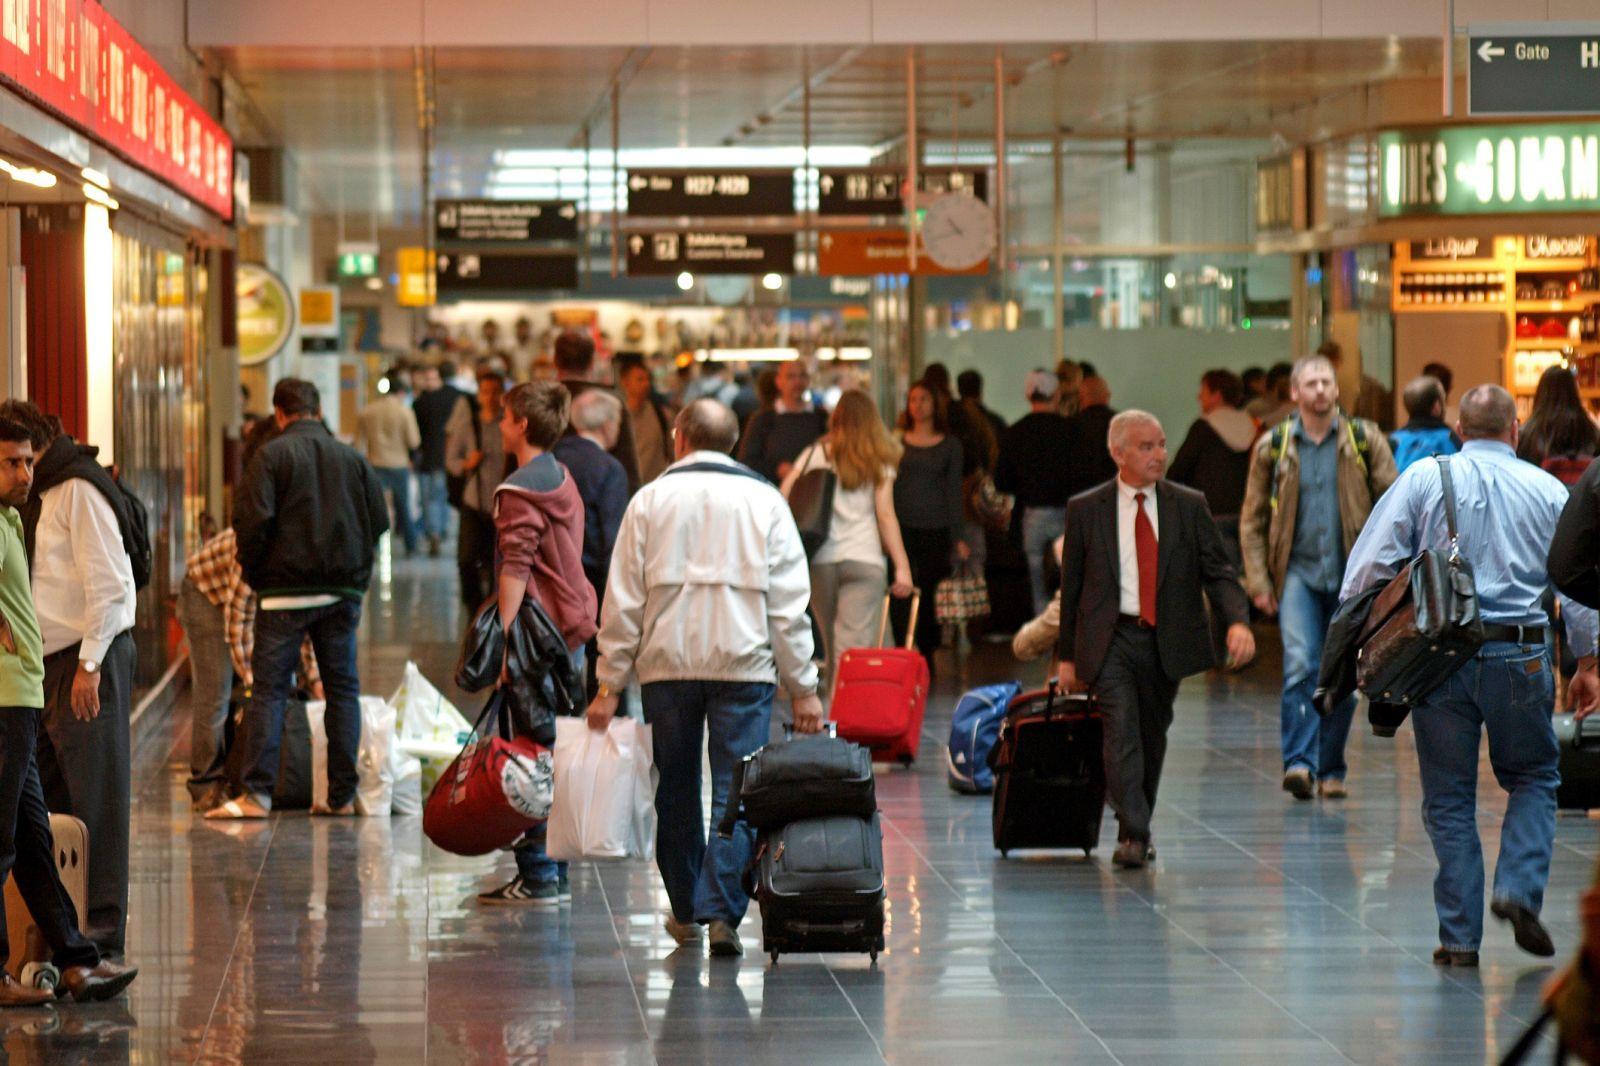 Hava limanında itən əşyaların taleyi necə olur?